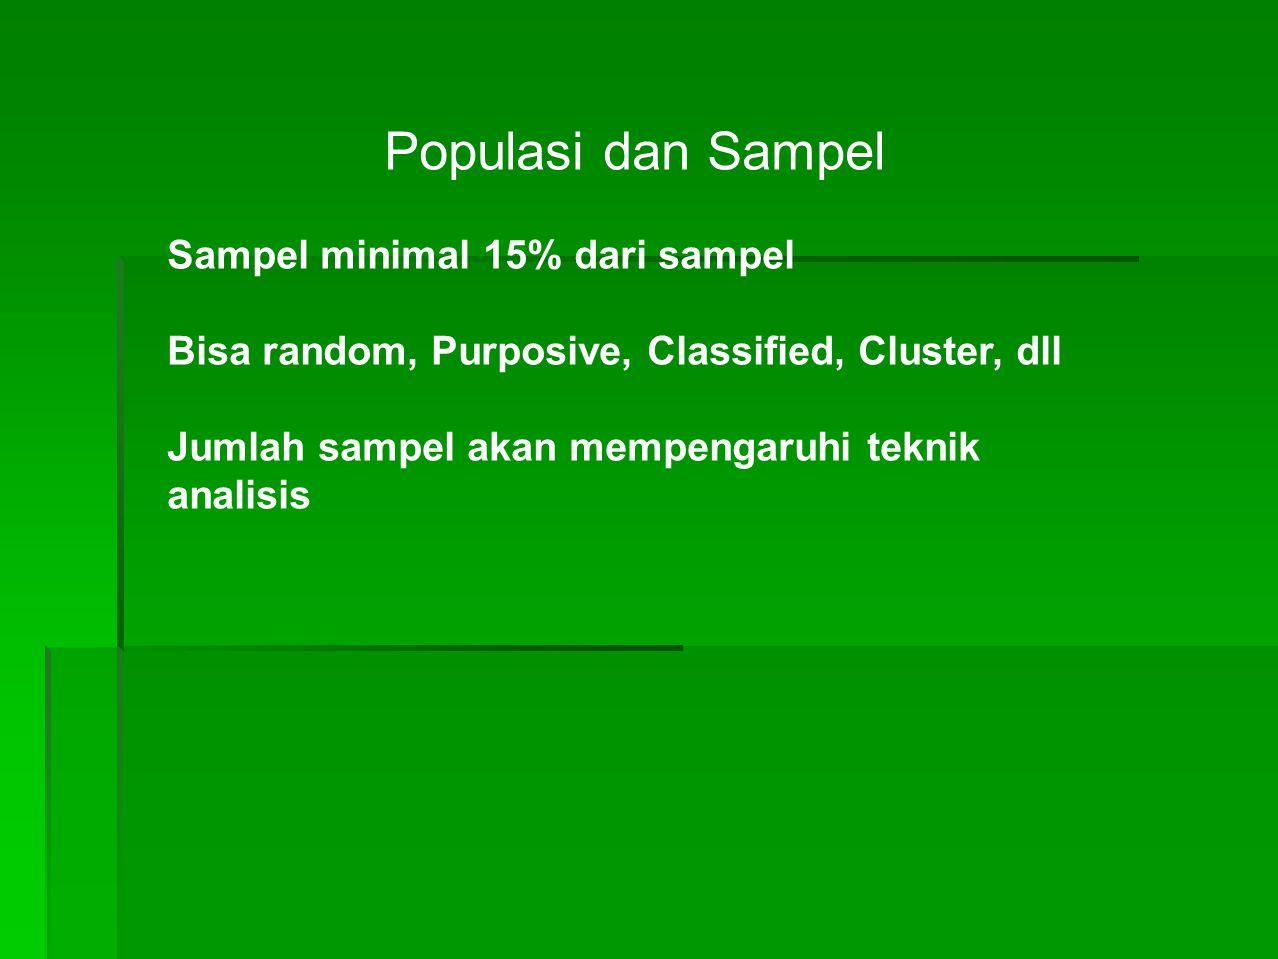 Populasi dan Sampel Sampel minimal 15% dari sampel Bisa random, Purposive, Classified, Cluster, dll Jumlah sampel akan mempengaruhi teknik analisis